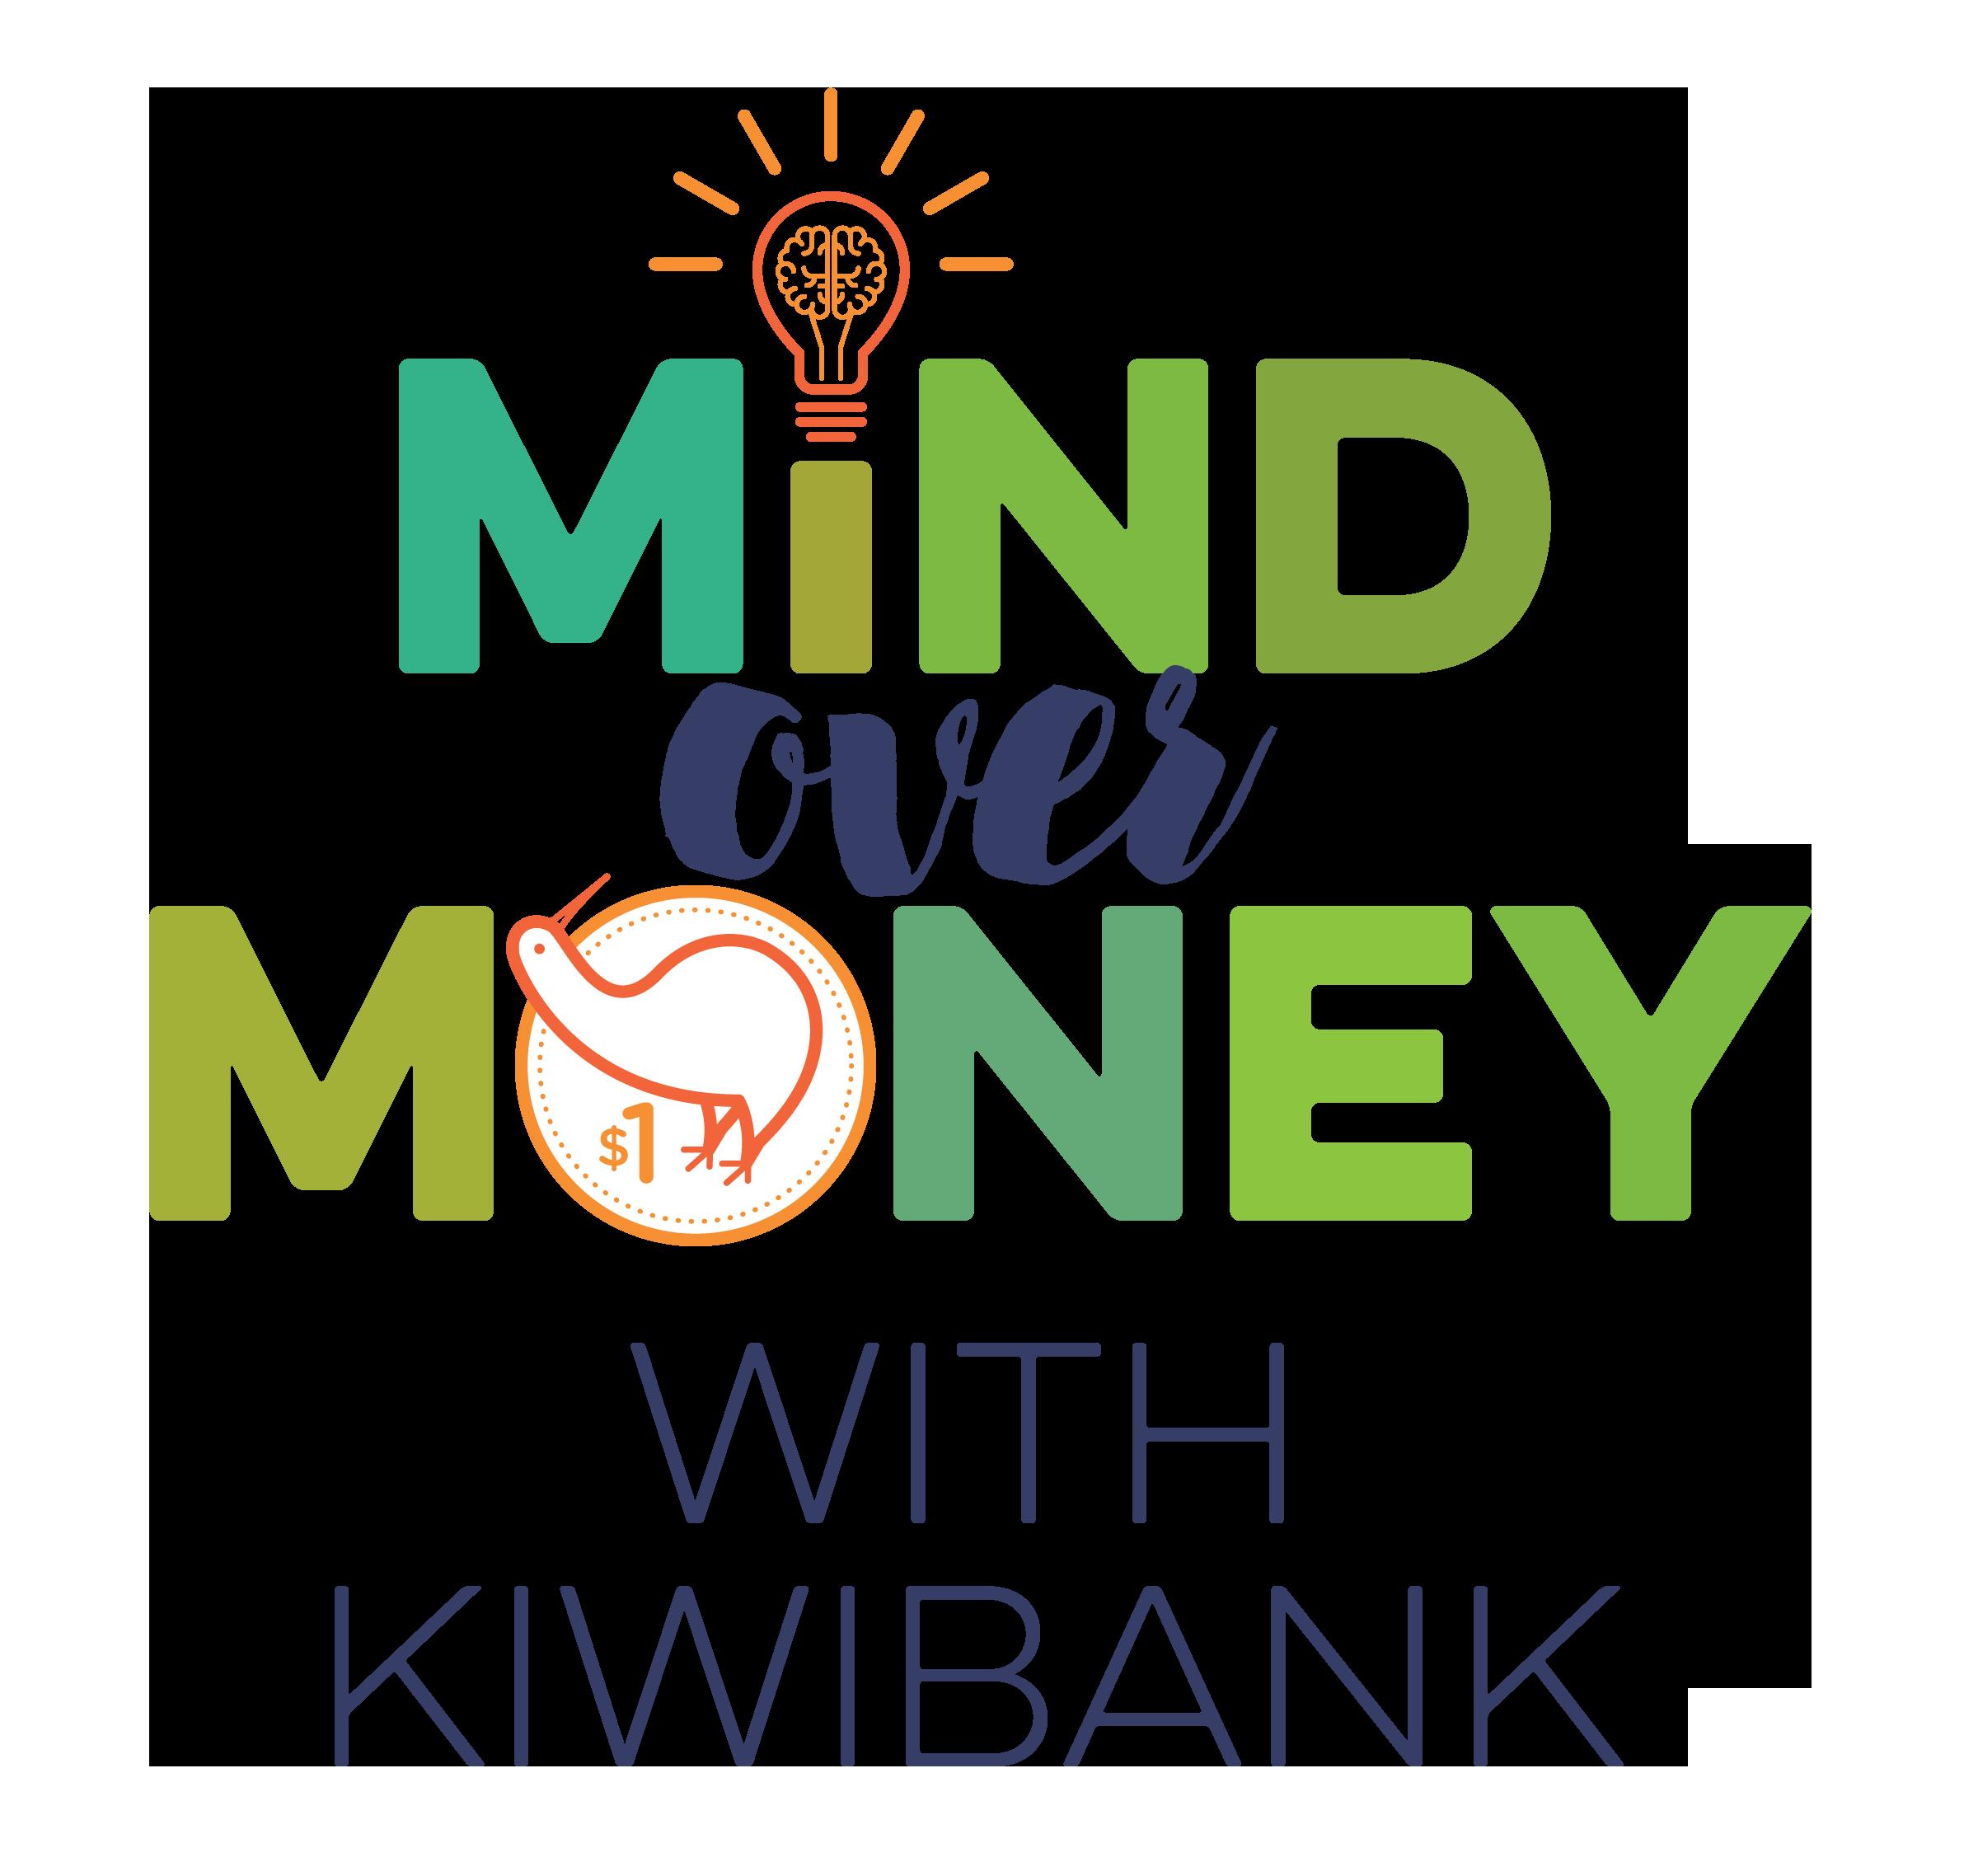 Kiwibank PNG-PlusPNG.com-2400 - Kiwibank PNG